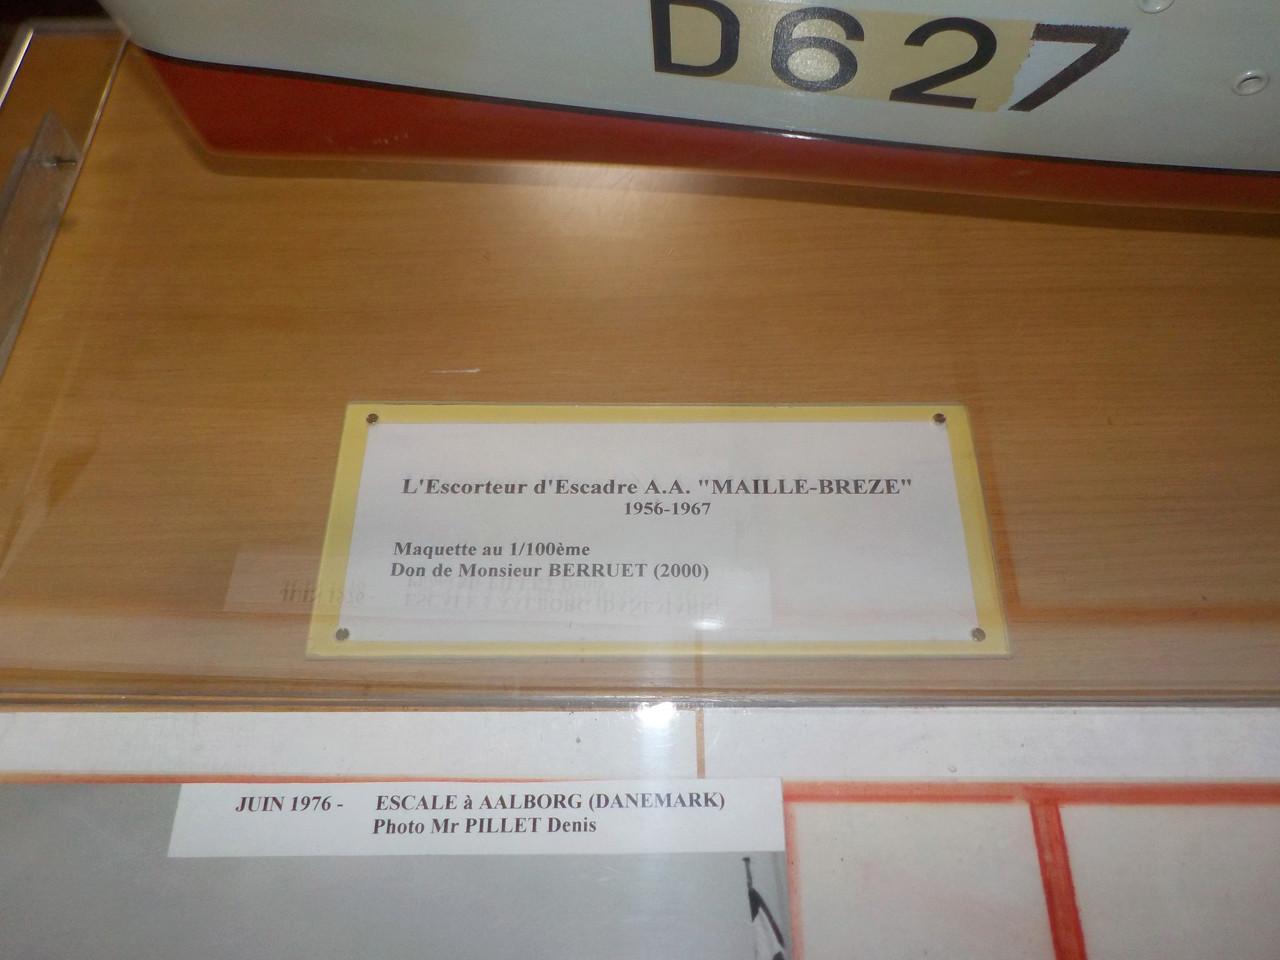 Escorteur d'escadre Maillé Brézé à Nantes - Page 2 Dscn1649